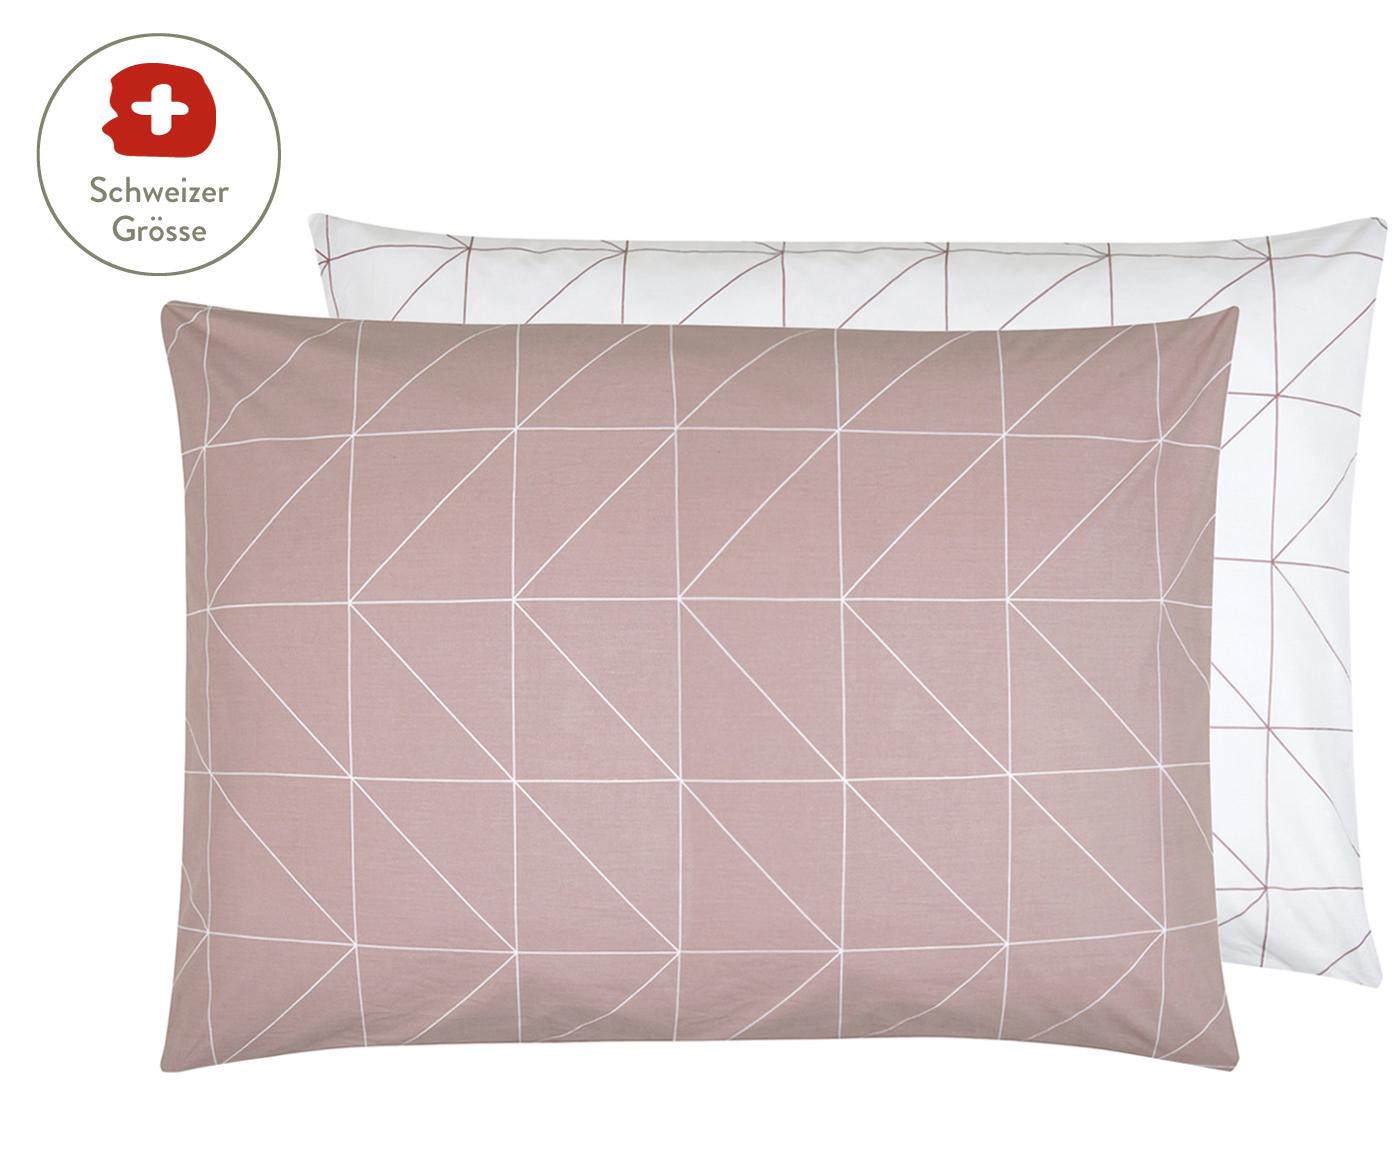 Baumwoll-Wendekissenbezug Marla mit grafischem Muster, Webart: Renforcé Fadendichte 144 , Mauve, Weiss, 50 x 70 cm